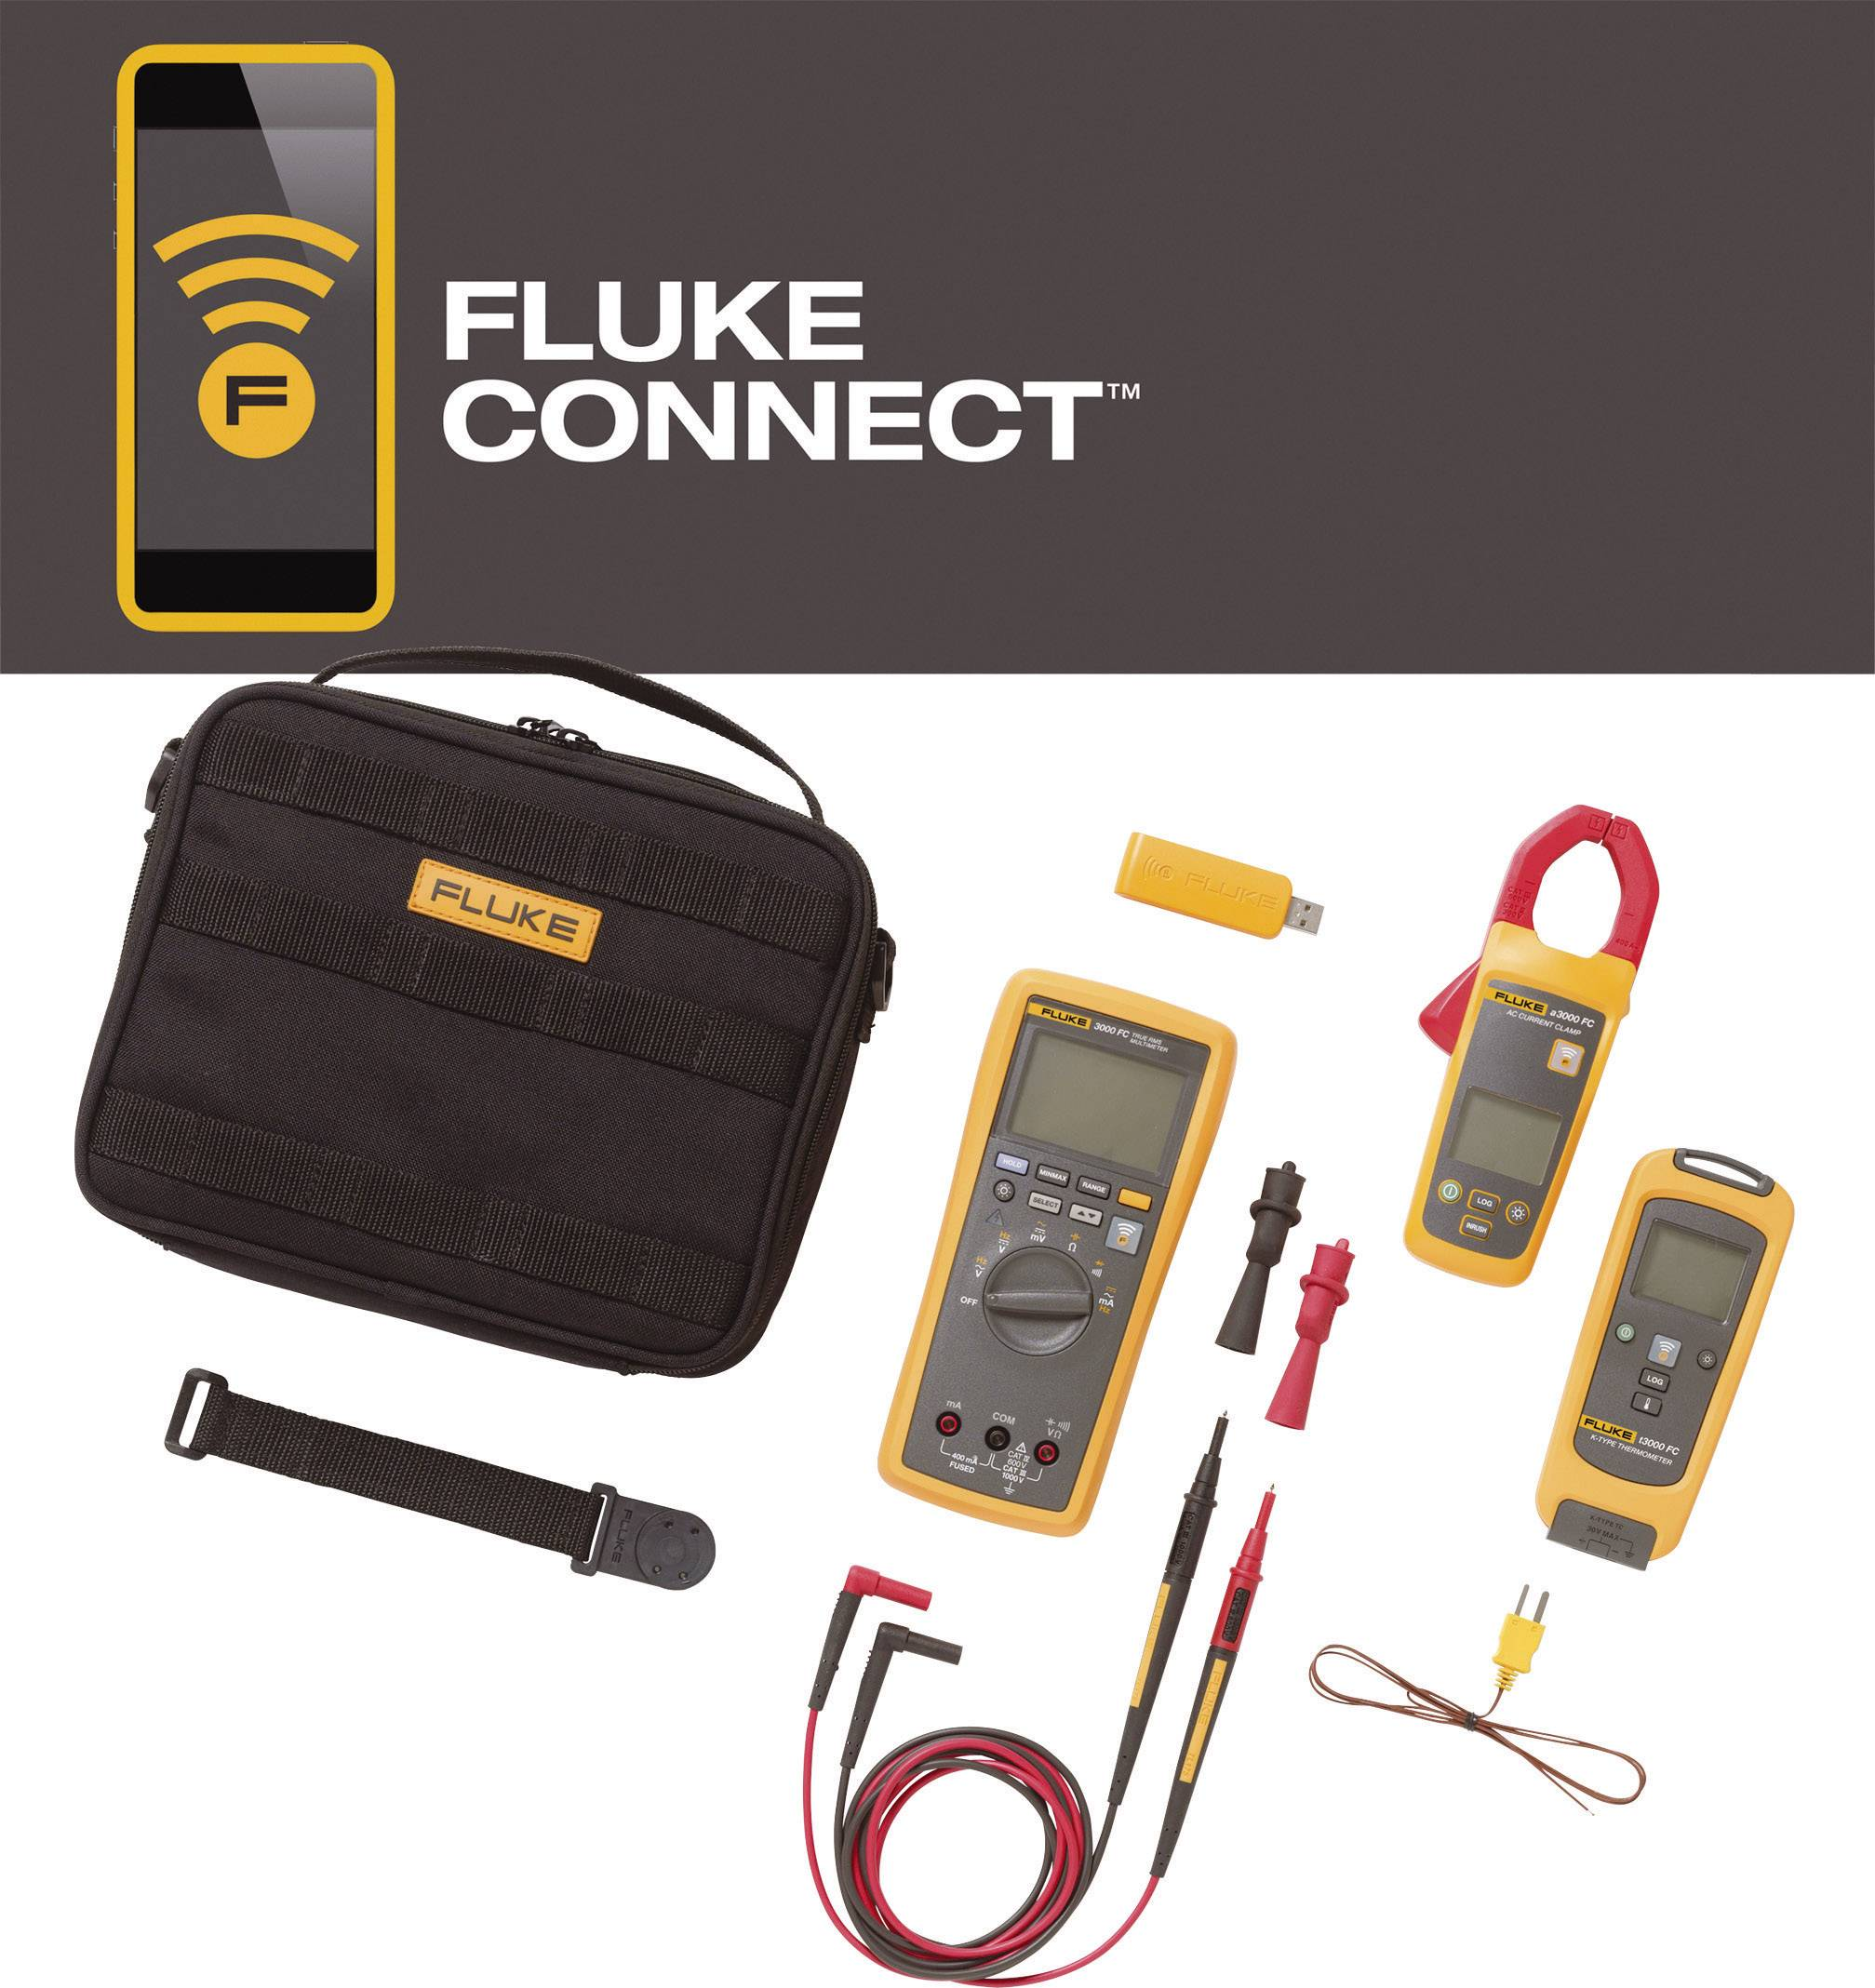 Sada HVAC pro bezdrátové měření proudu/teploty Fluke FLK-3000 FC HVAC, Fluke